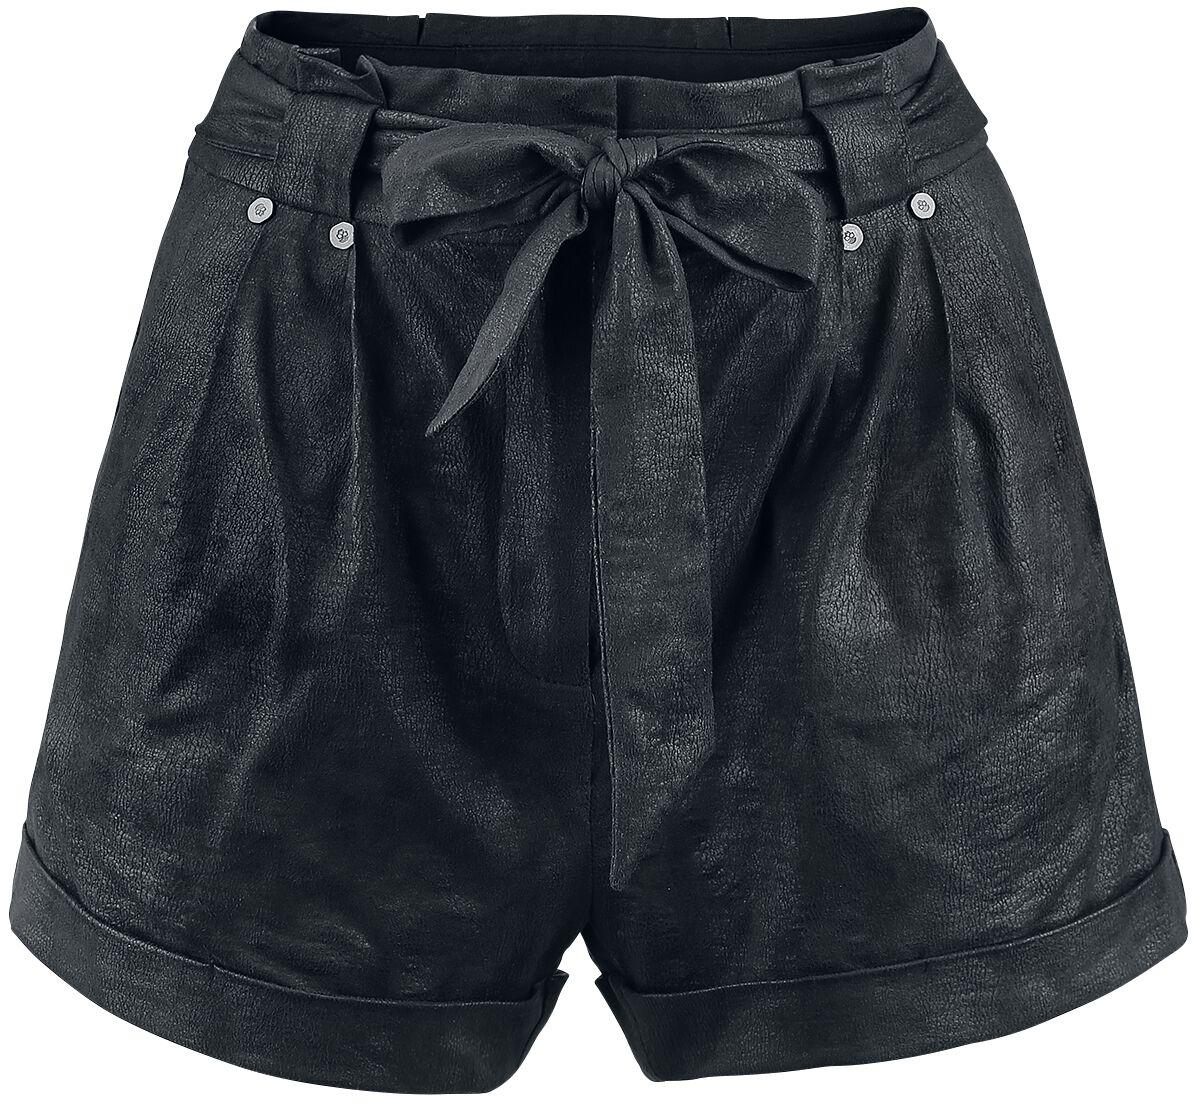 Hosen für Frauen - Rock Rebel by EMP End Of Summer Girl Shorts schwarz  - Onlineshop EMP